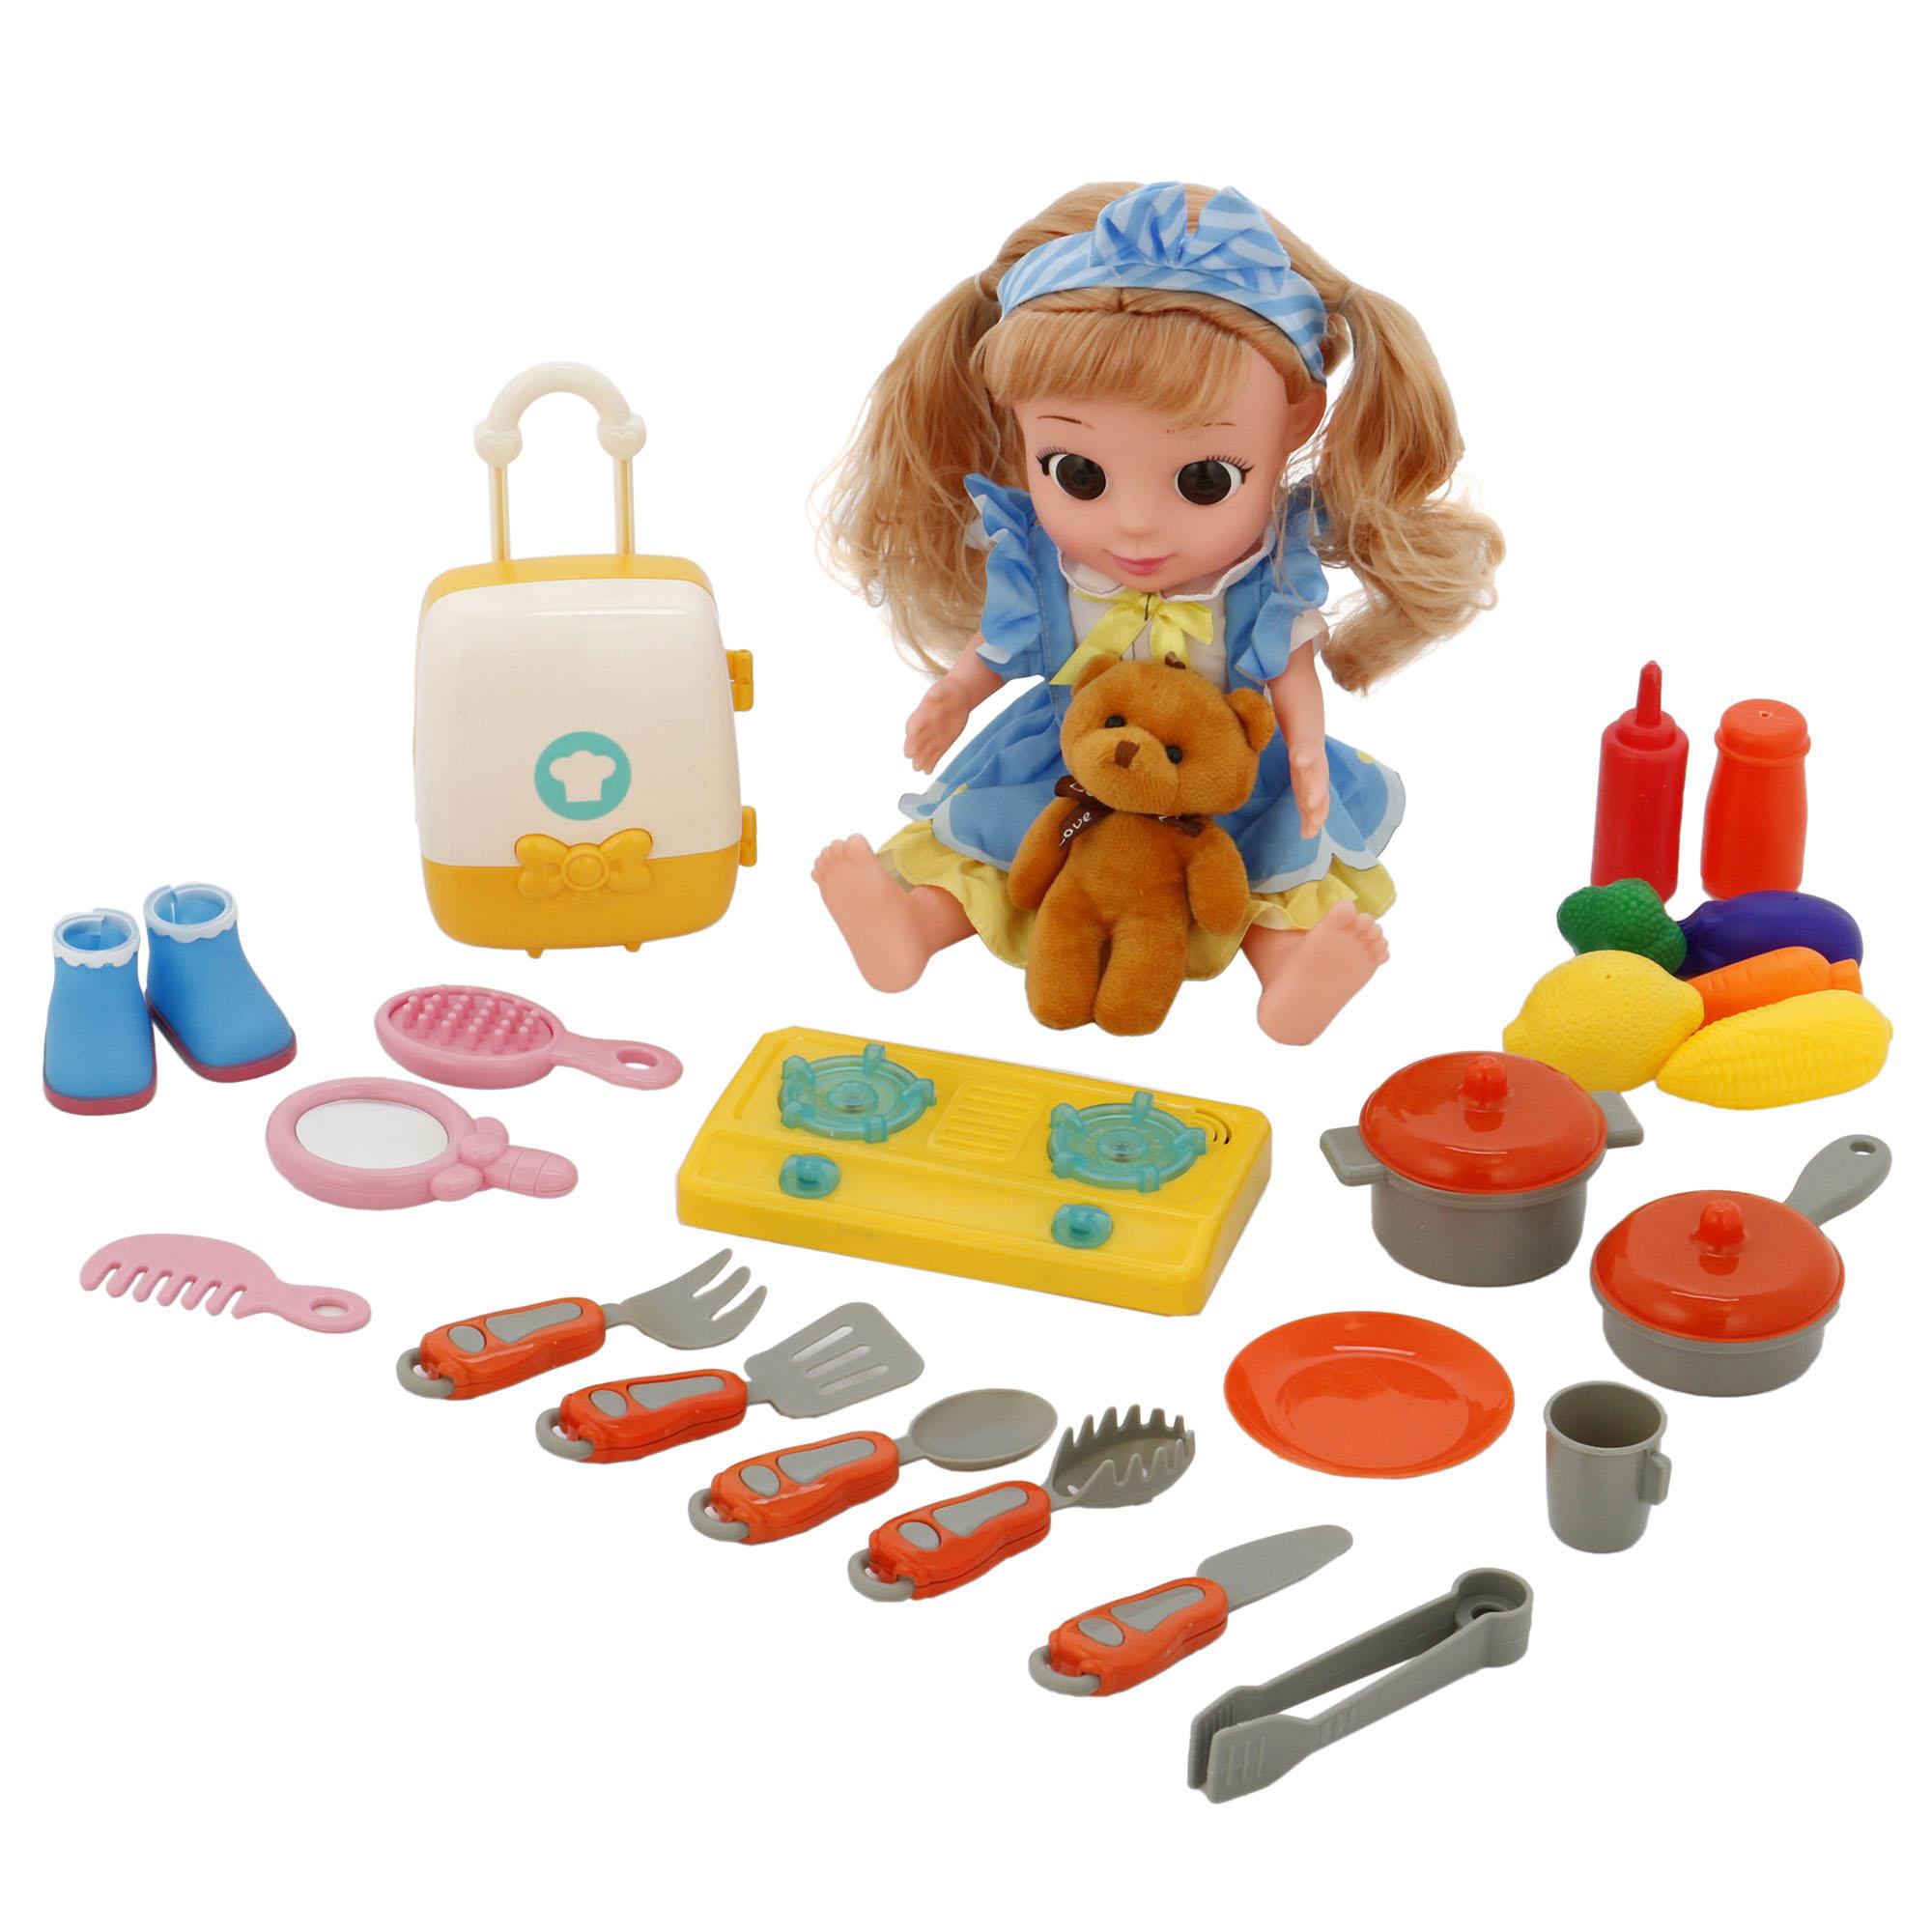 Fotografie Set papusa M-Toys Sara cu functii, ursulet plus si accesorii bucatar, 35 cm